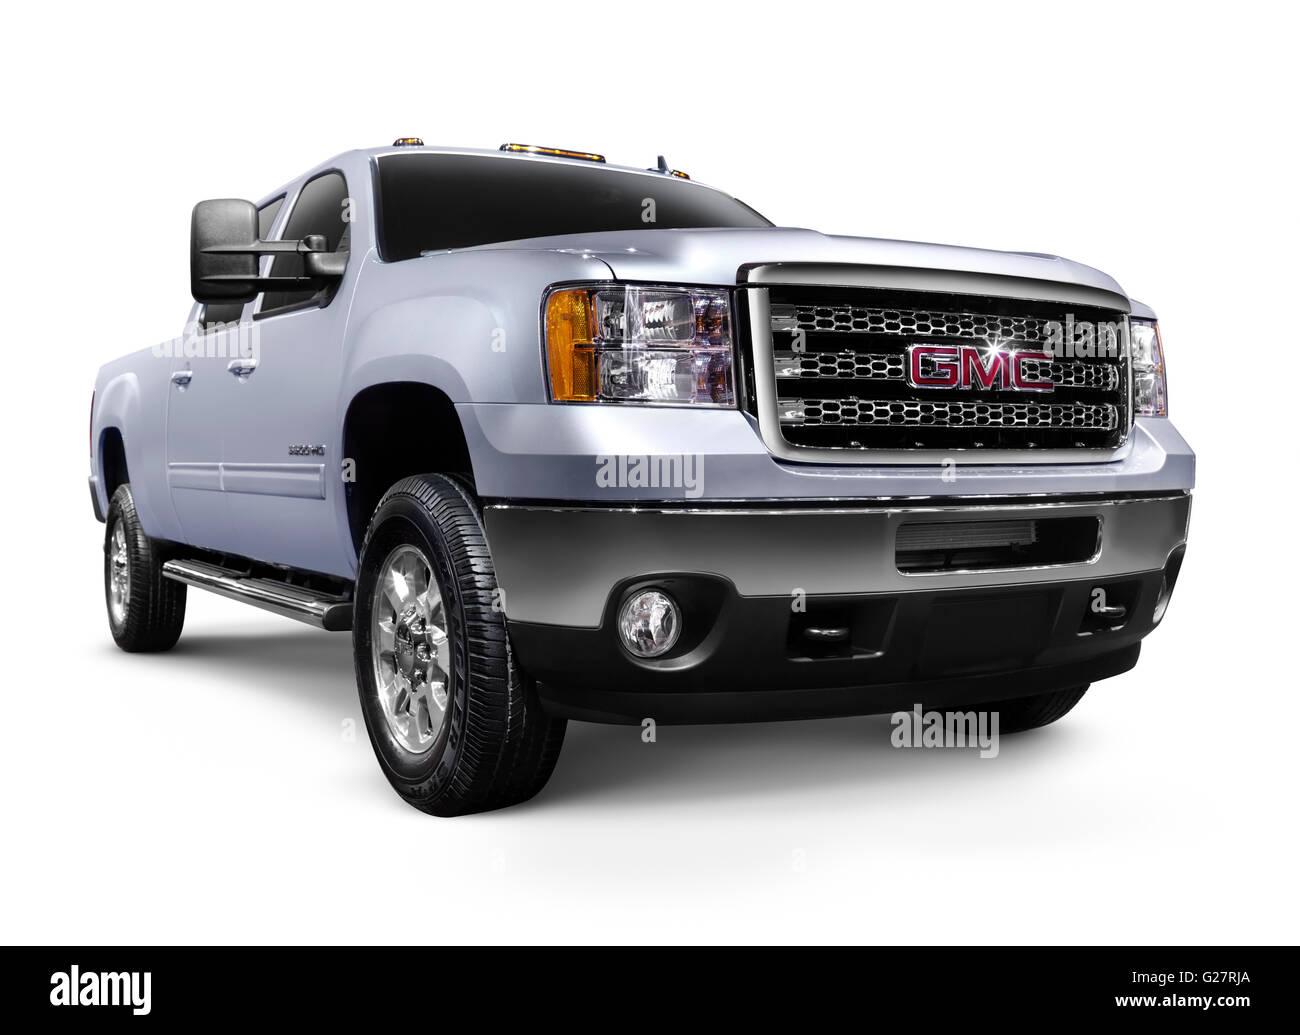 2012 GMC Sierra 2500HD, a General Motors pickup truck - Stock Image